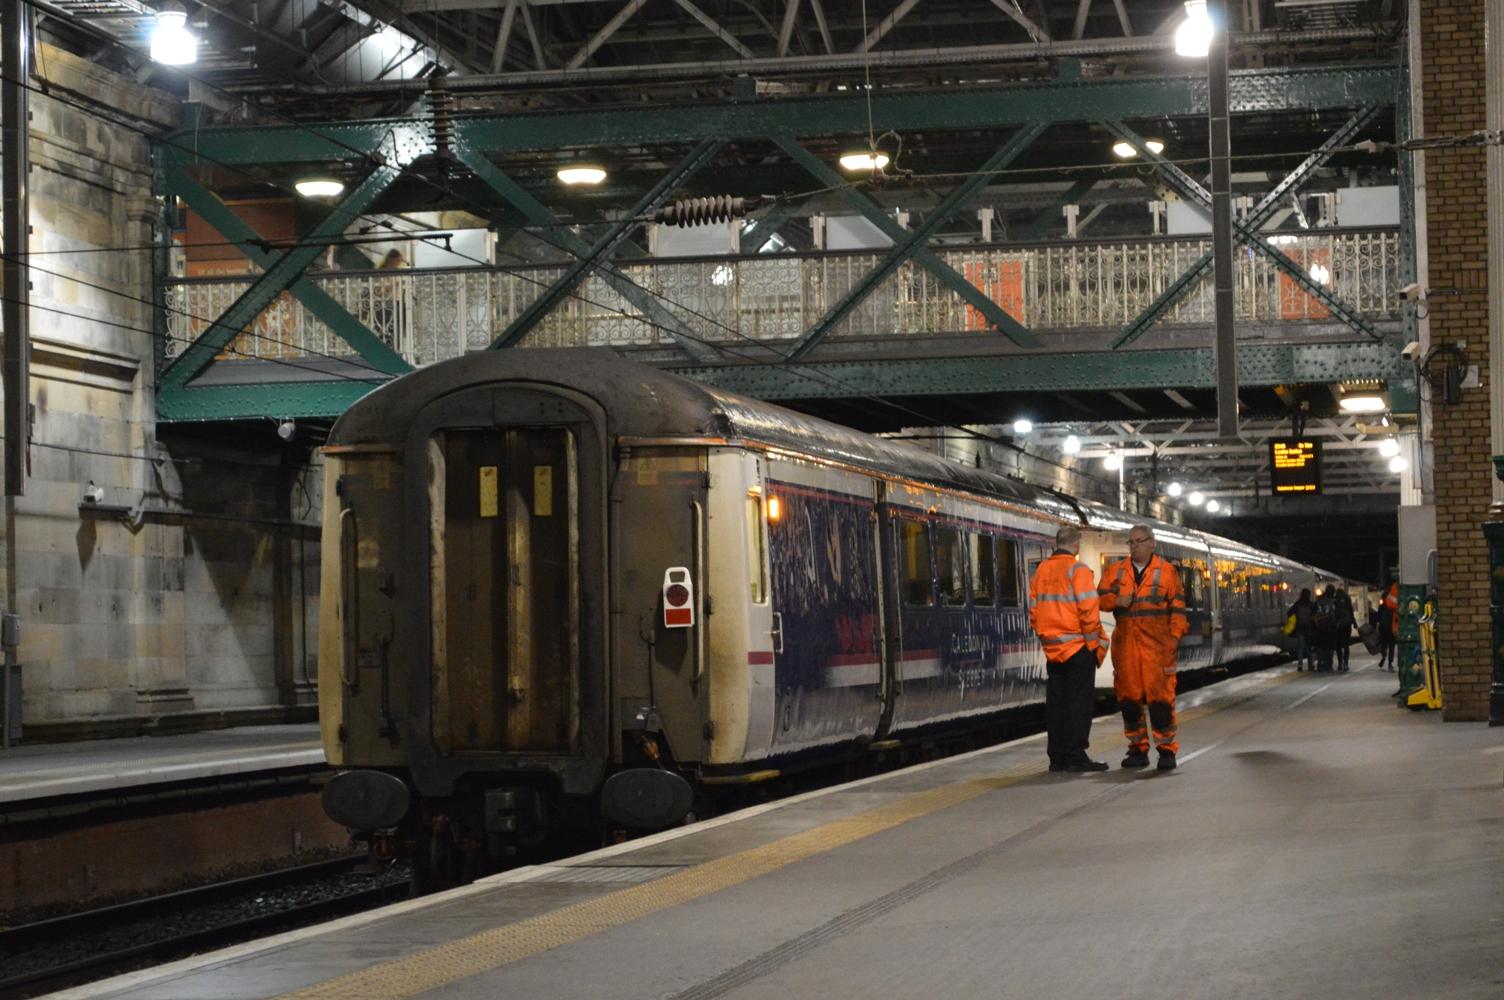 Zitrijtuig van de Caledonian Sleeper achteraan de trein in Edinburgh ©Noord West Express